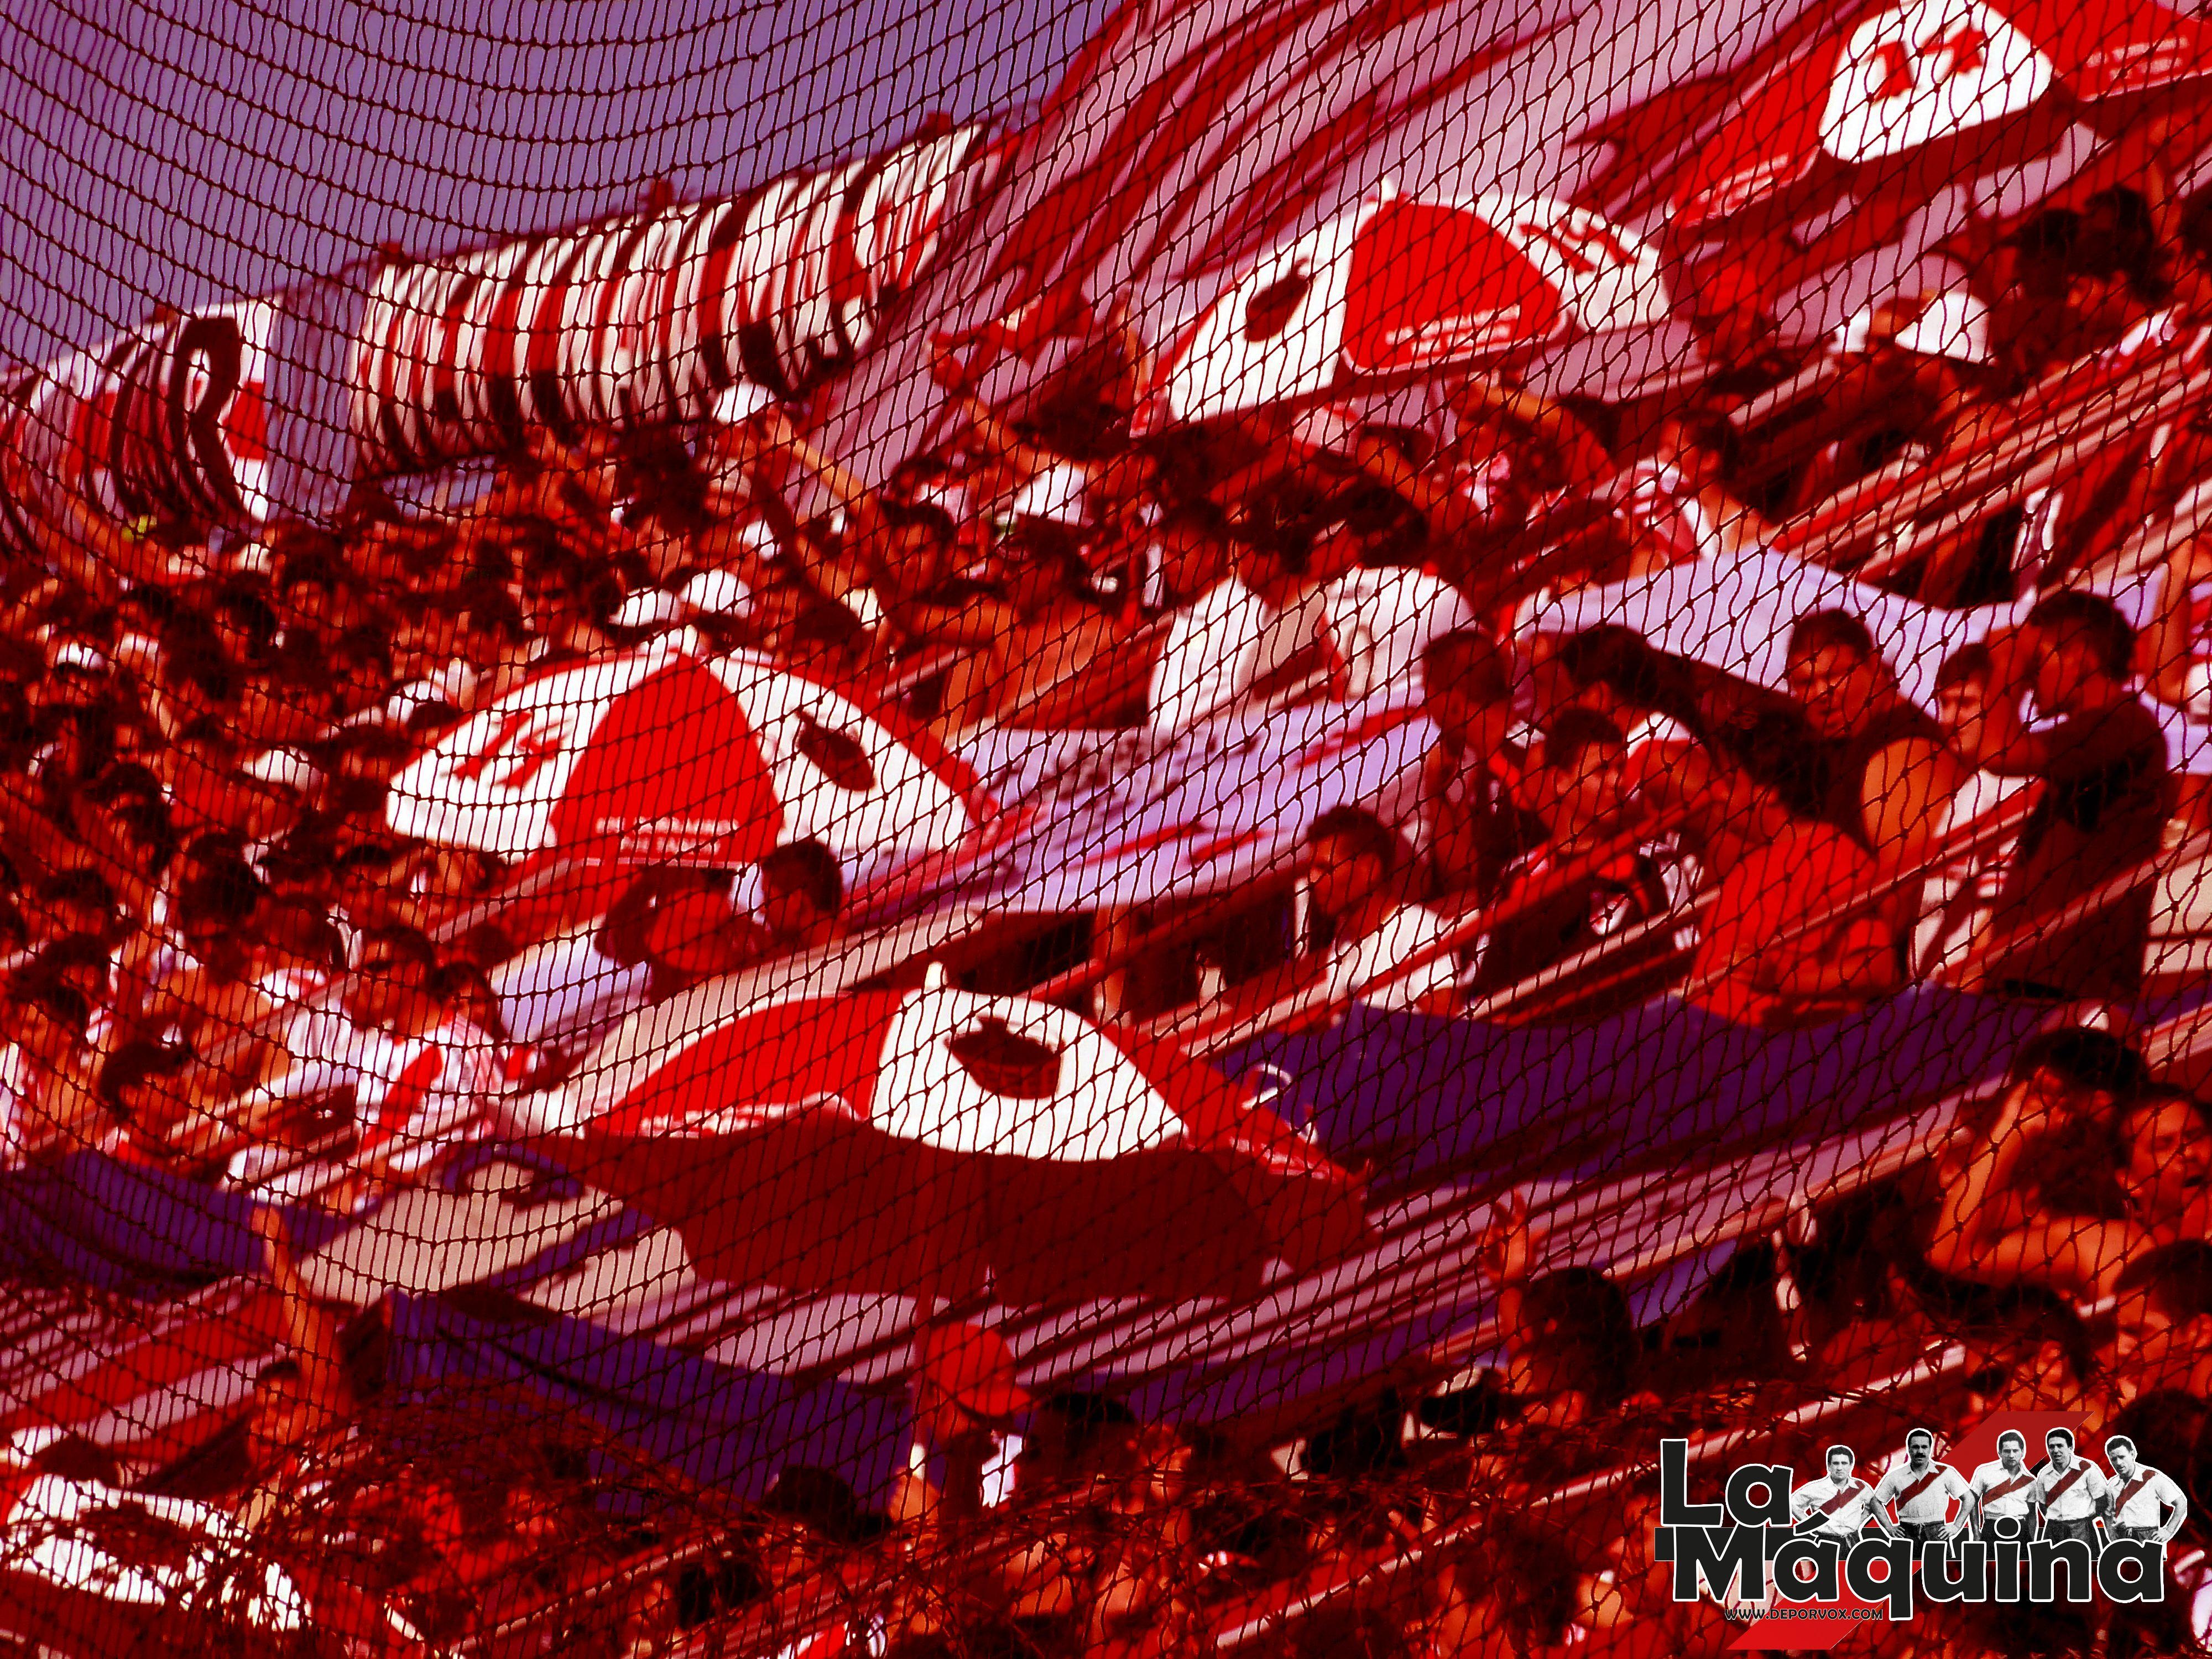 Galería de imágenes – Independiente vs River Plate (Segunda Tanda)